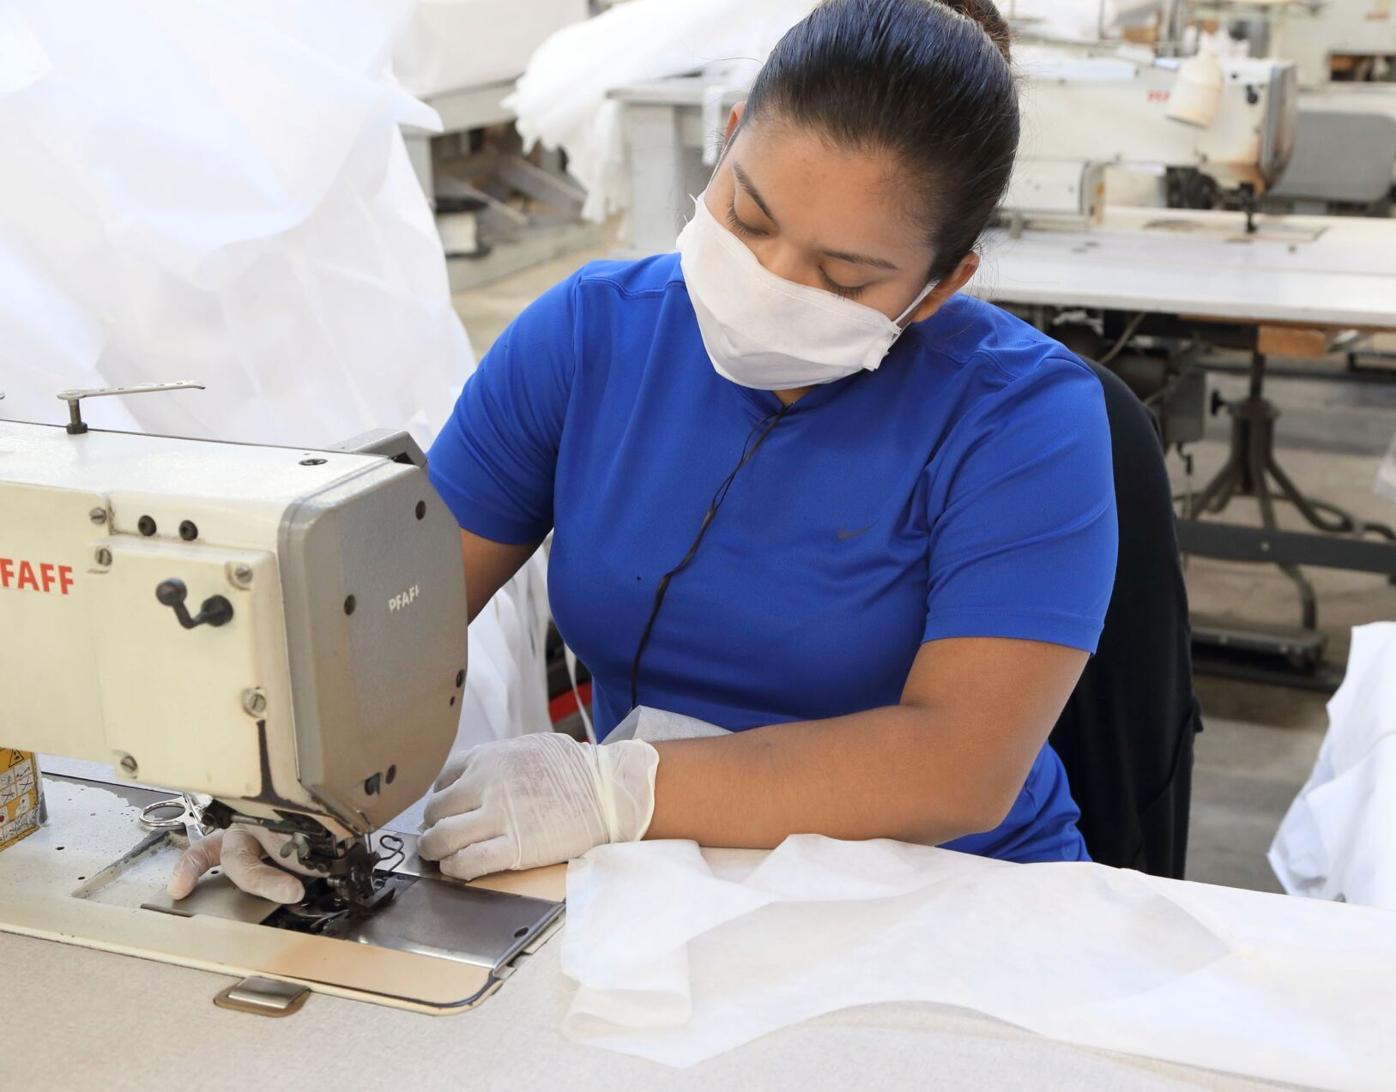 061020_MNS_Aarrons_PPE_001 Angelica Ventura